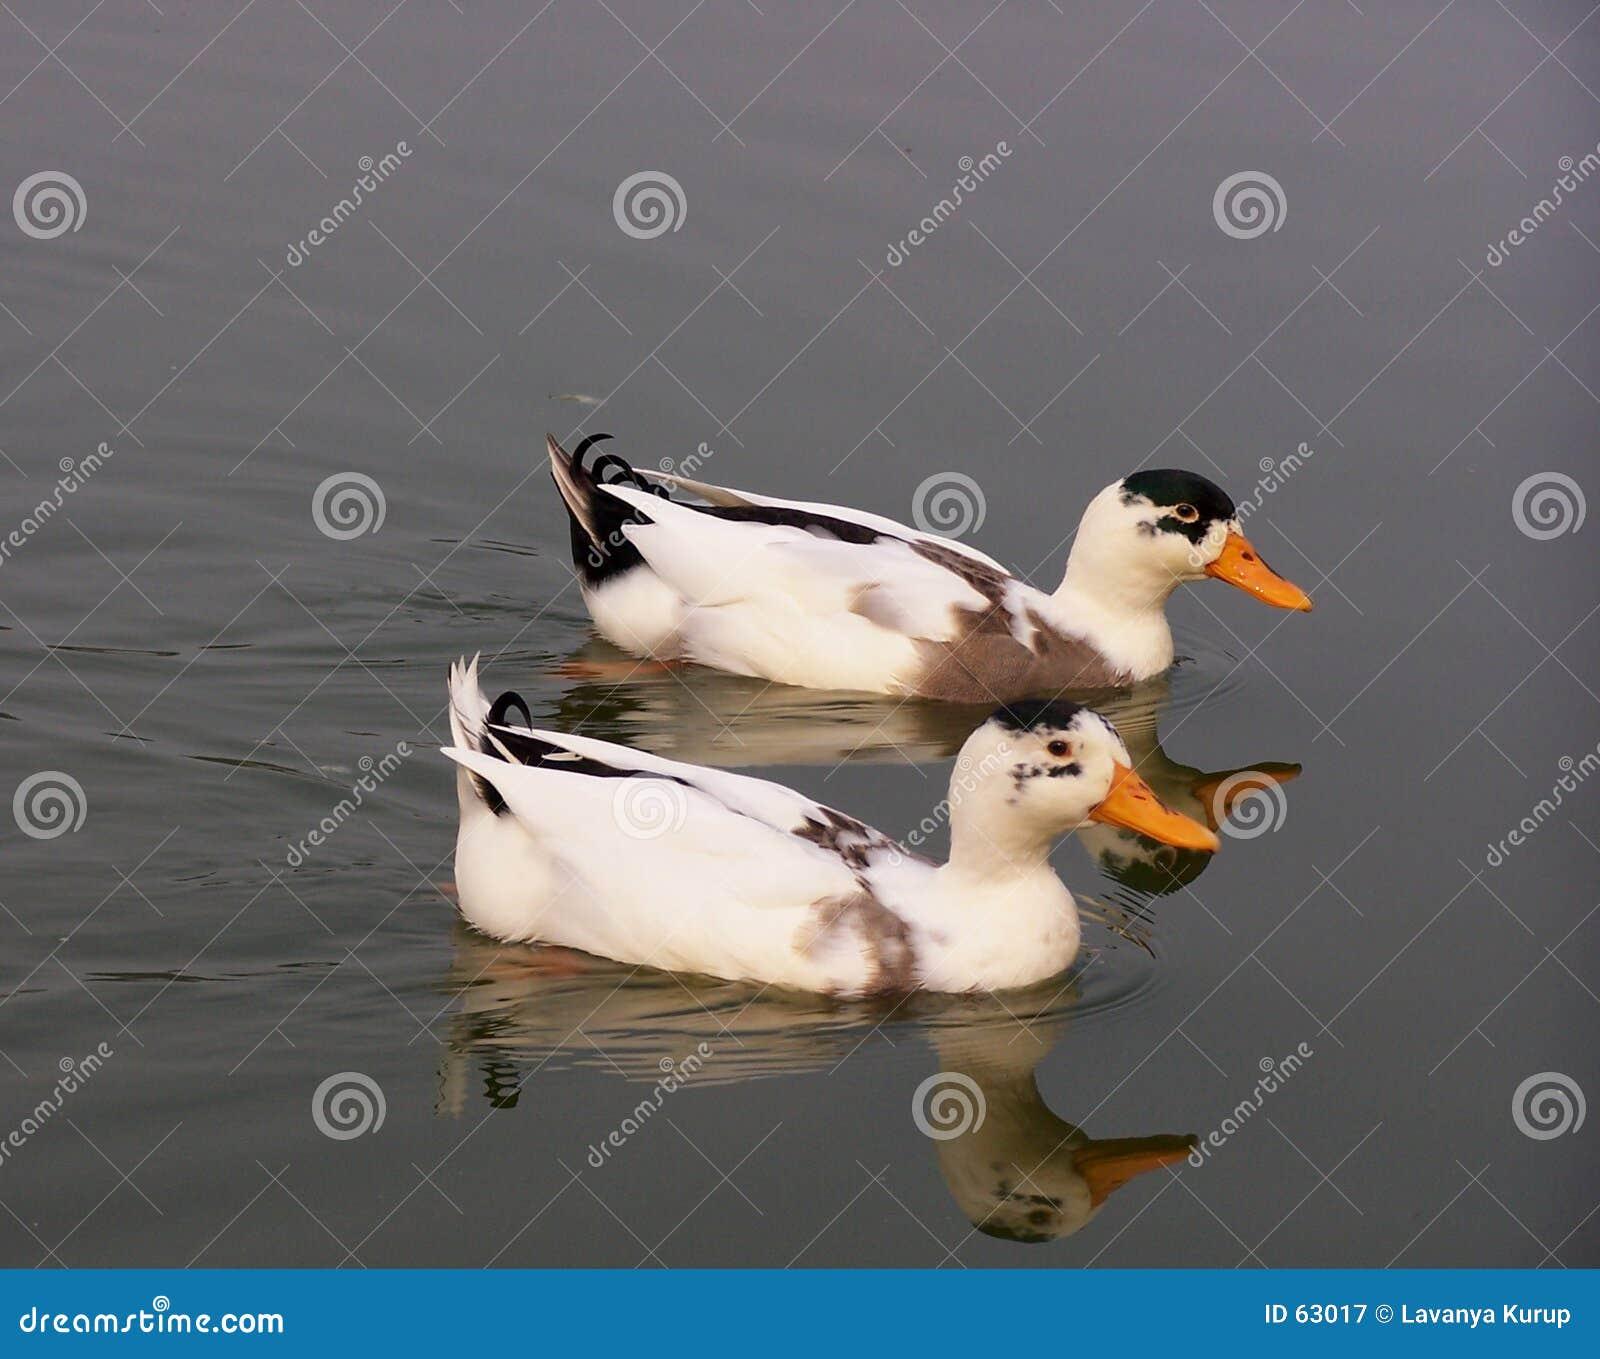 Download Deux canards image stock. Image du ensemble, amour, tranquille - 63017